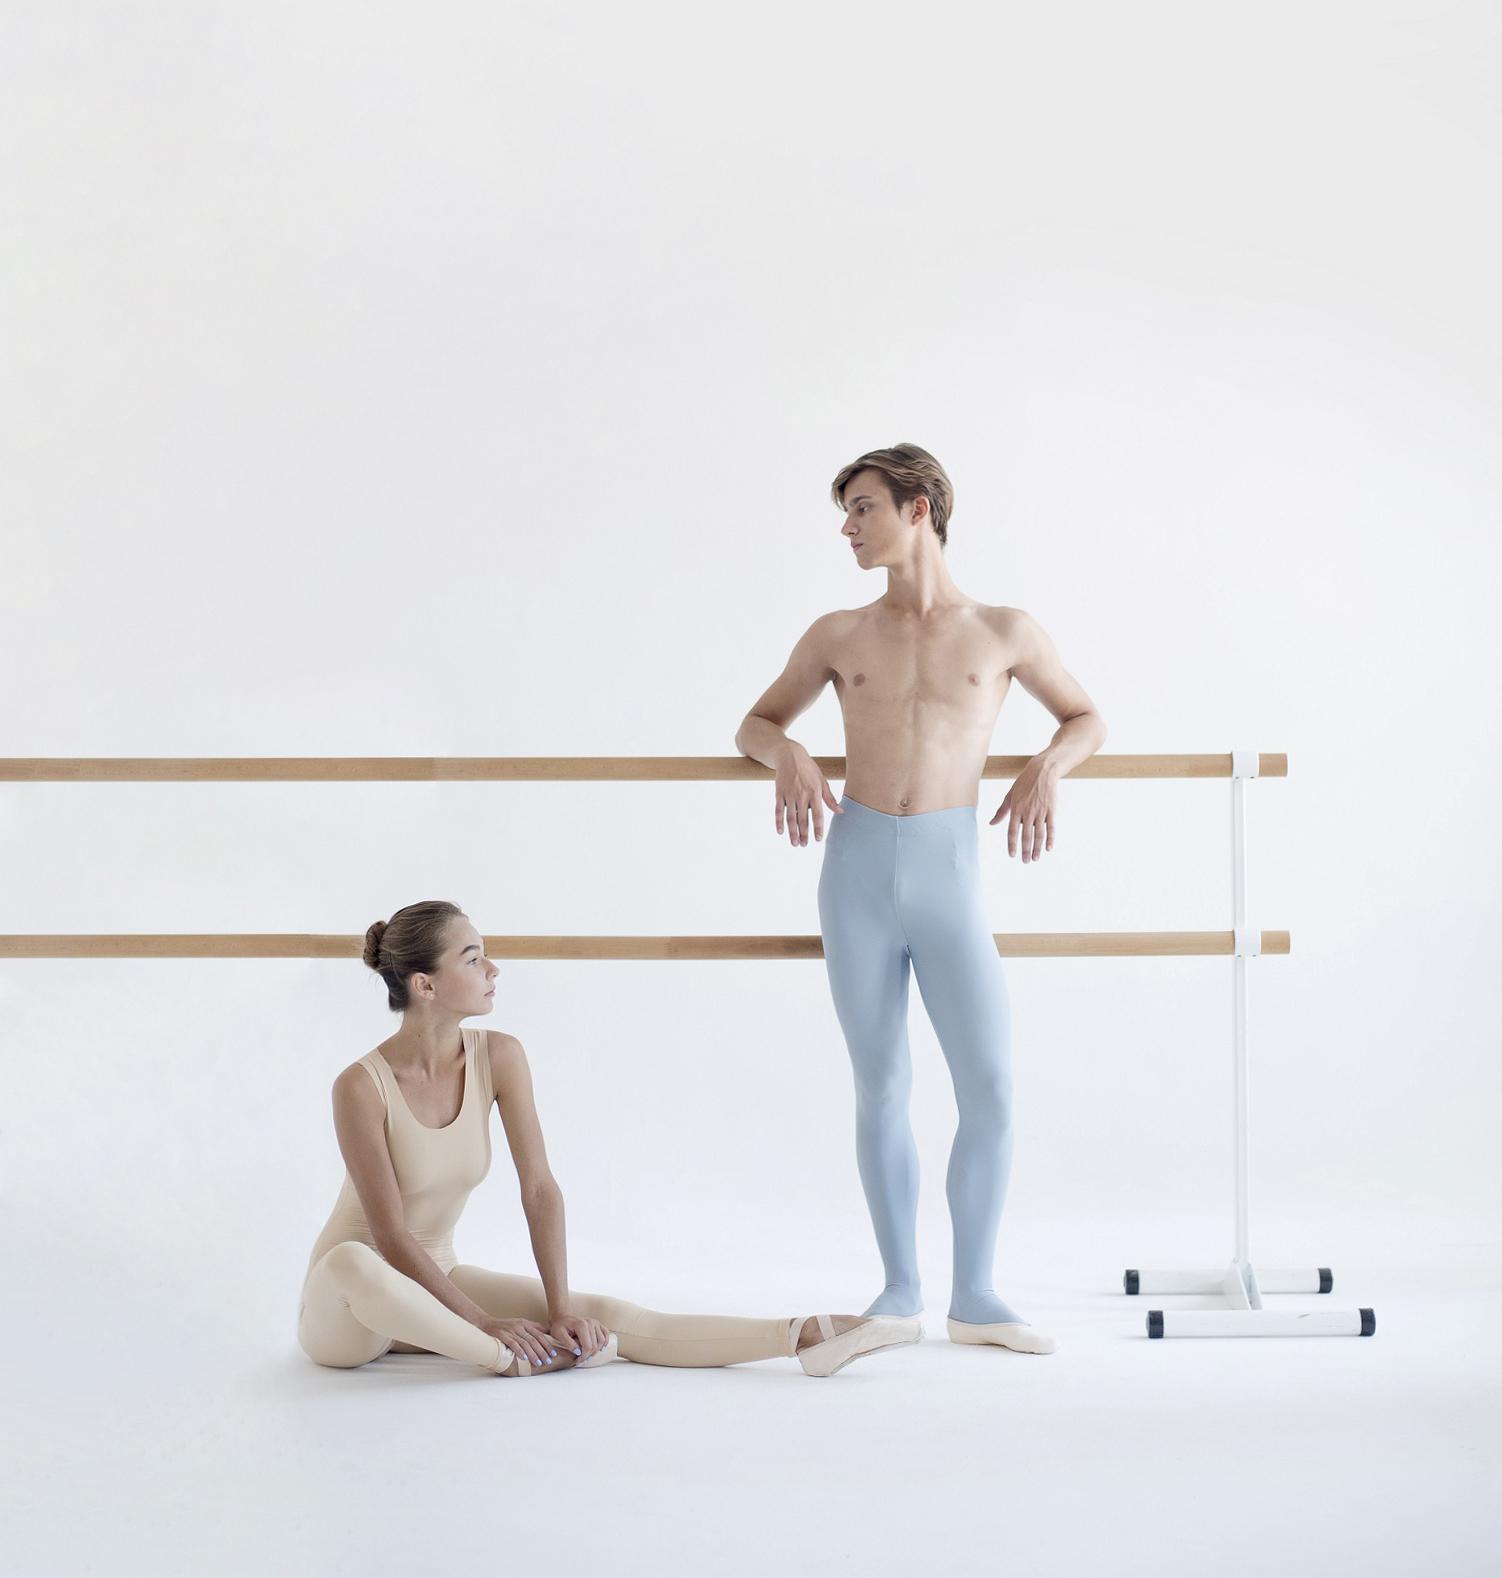 Учат в школе: что нужно знать об украинском балете?